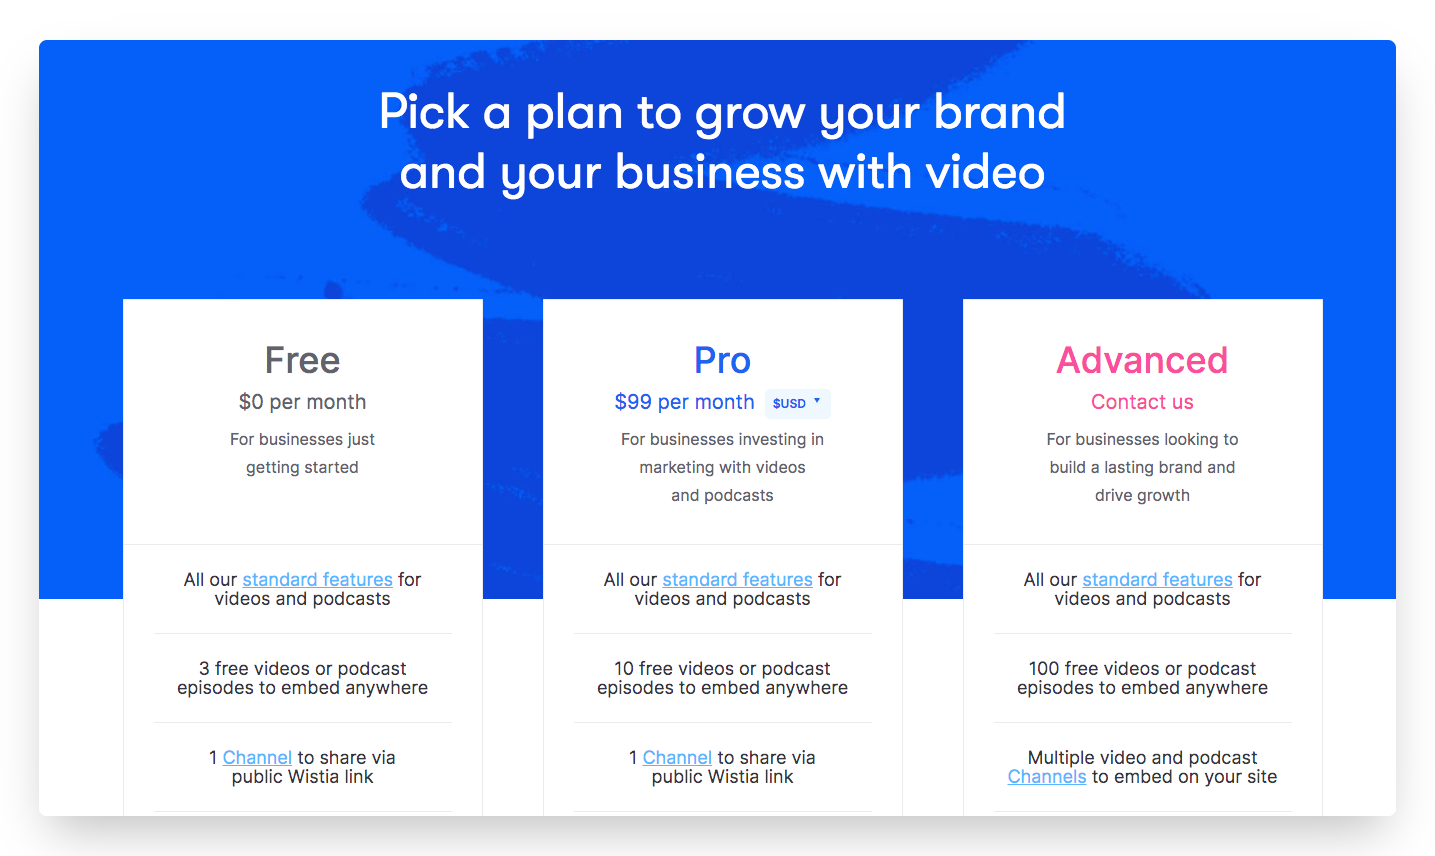 product led growth freemium example